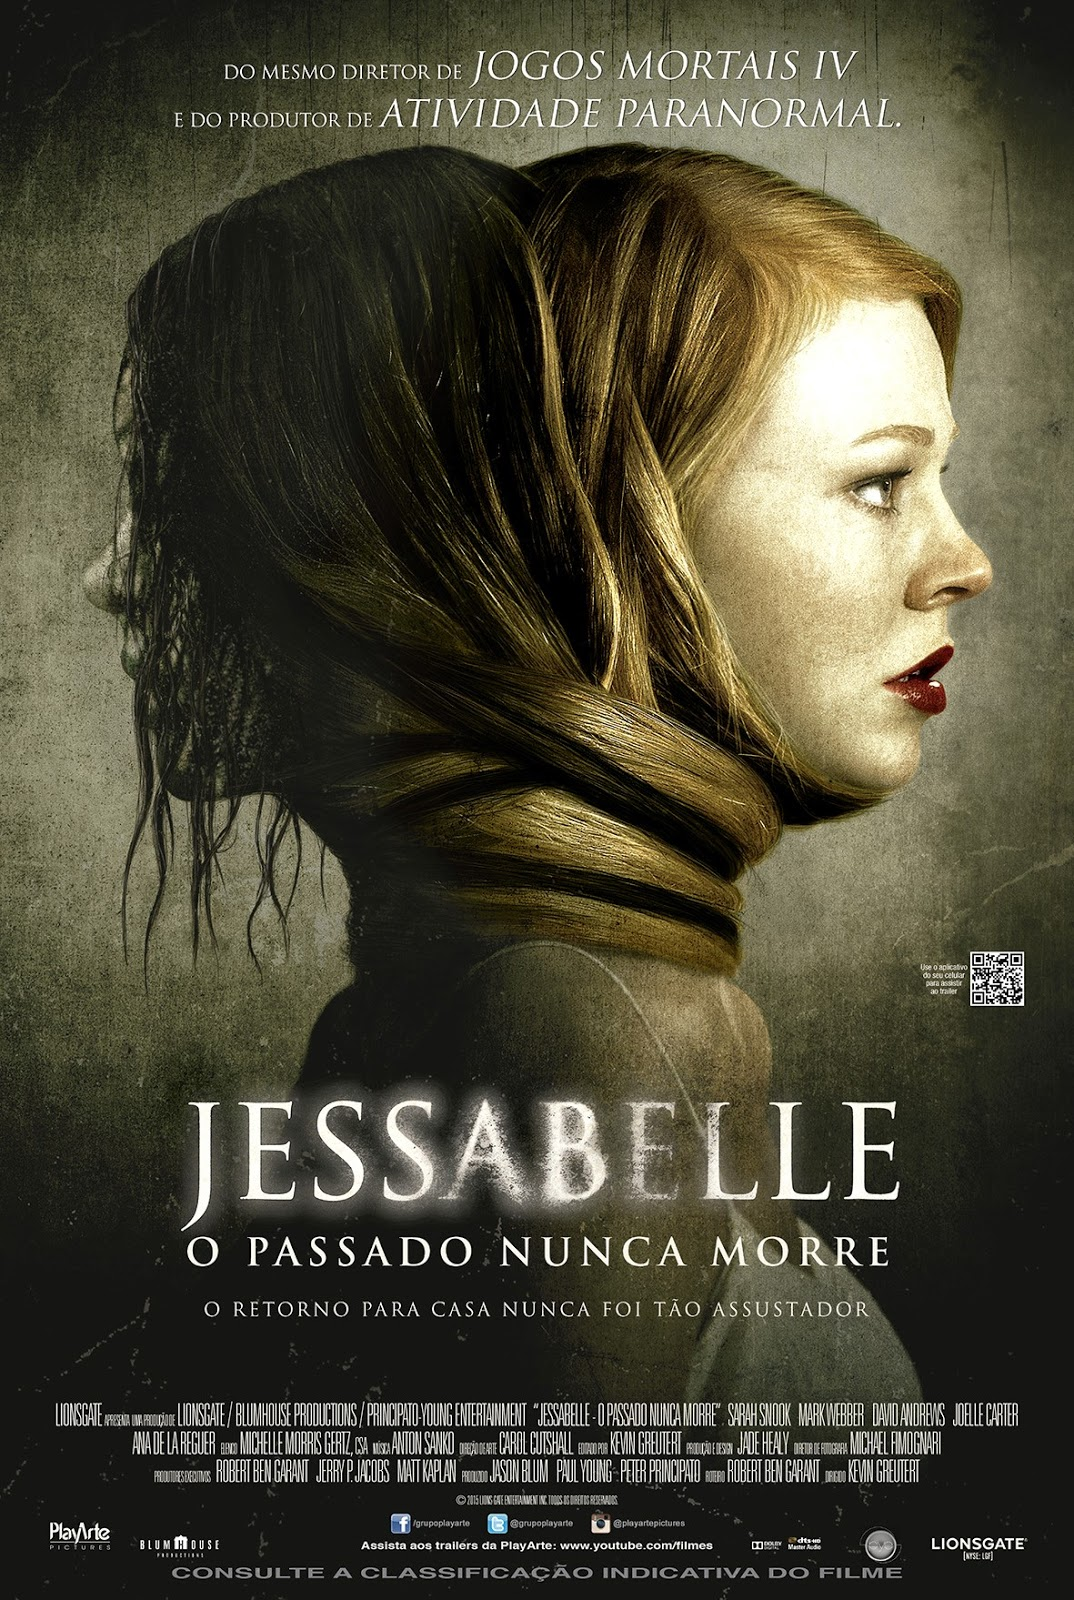 Filme Dentro Da Casa with regard to próximos lançamentos de filmes de terror para 2015 nos cinemas do